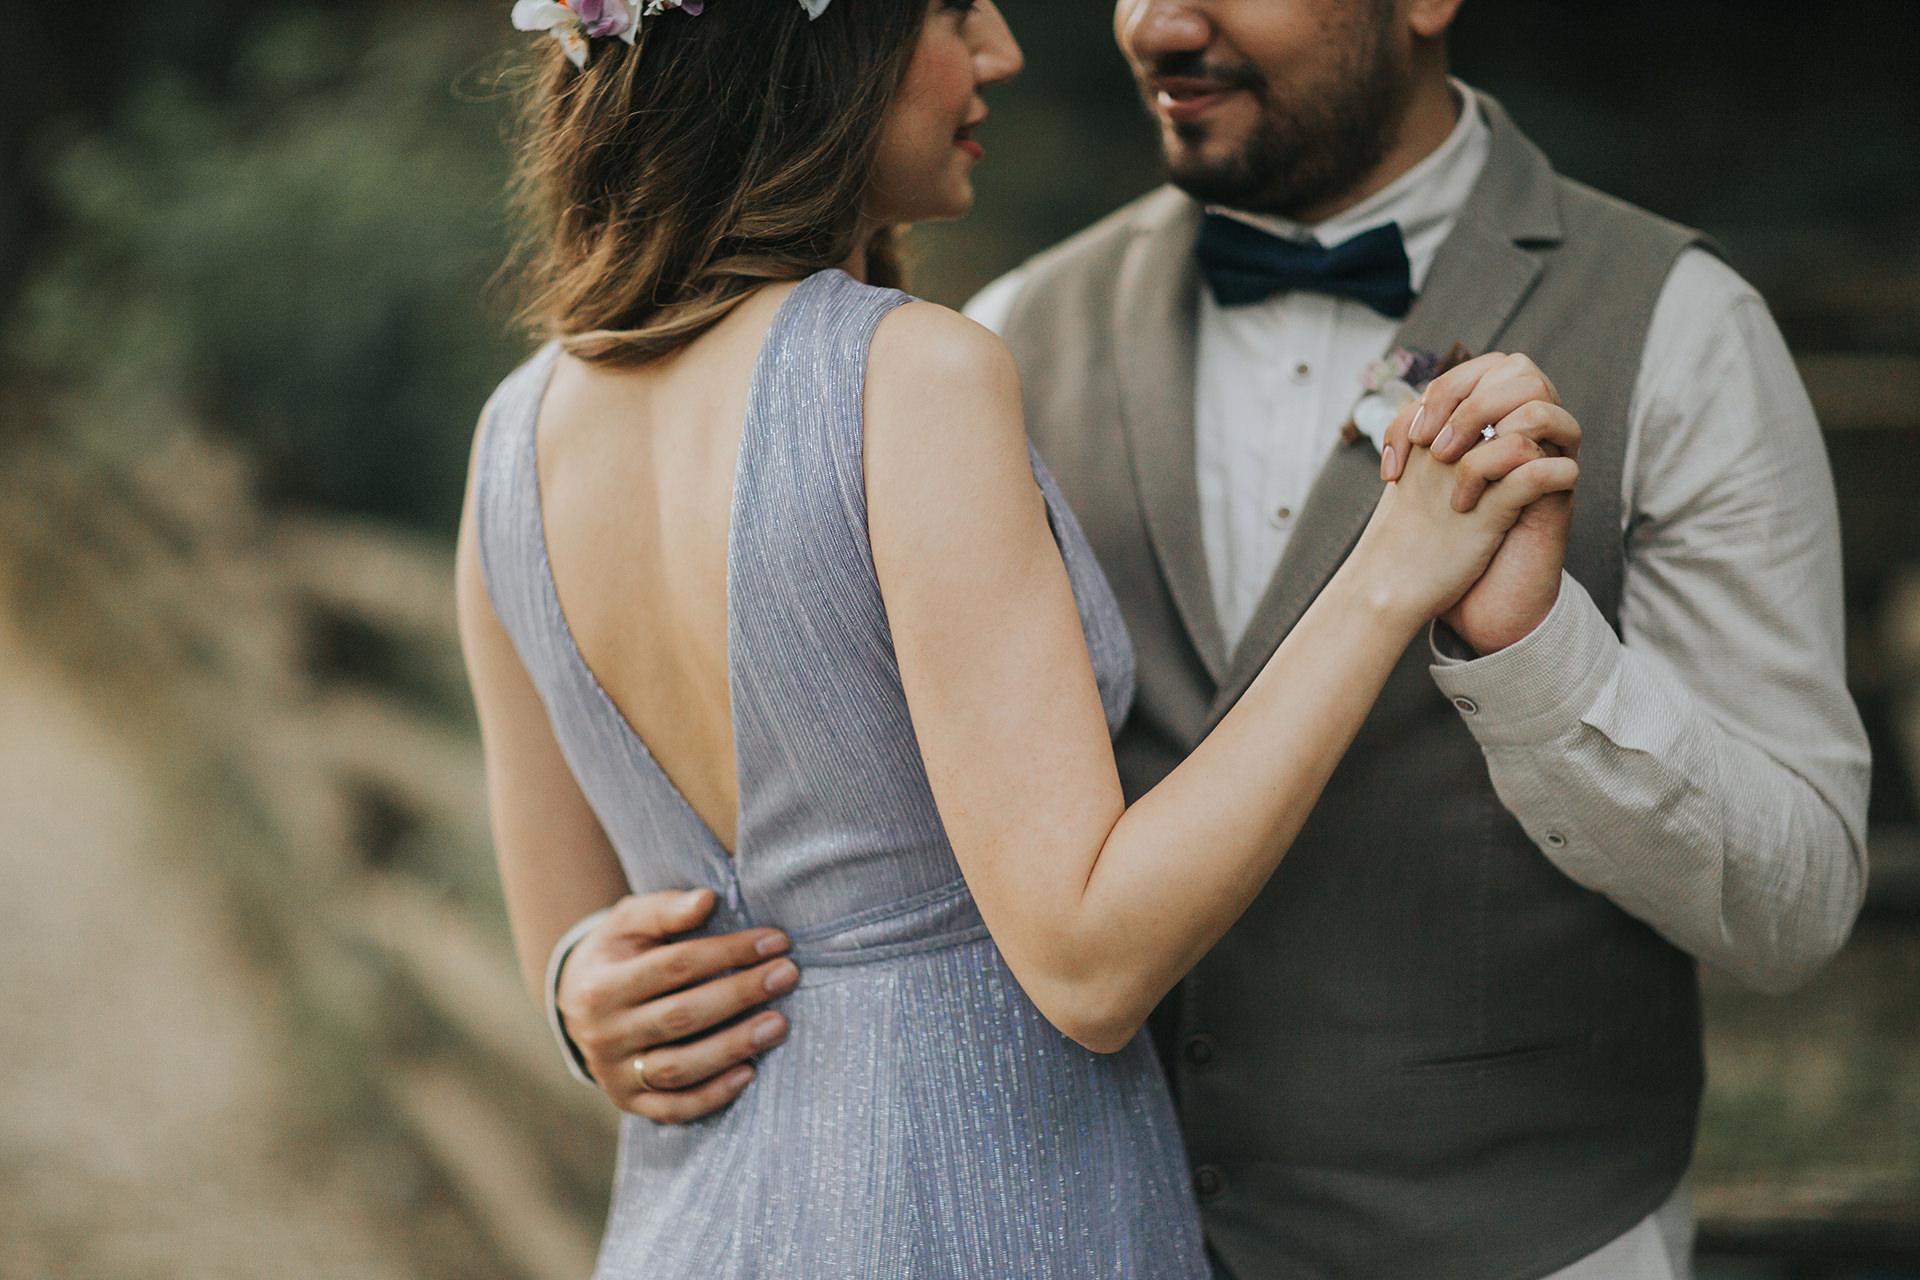 düğün öncesi fotoğraf çekimi